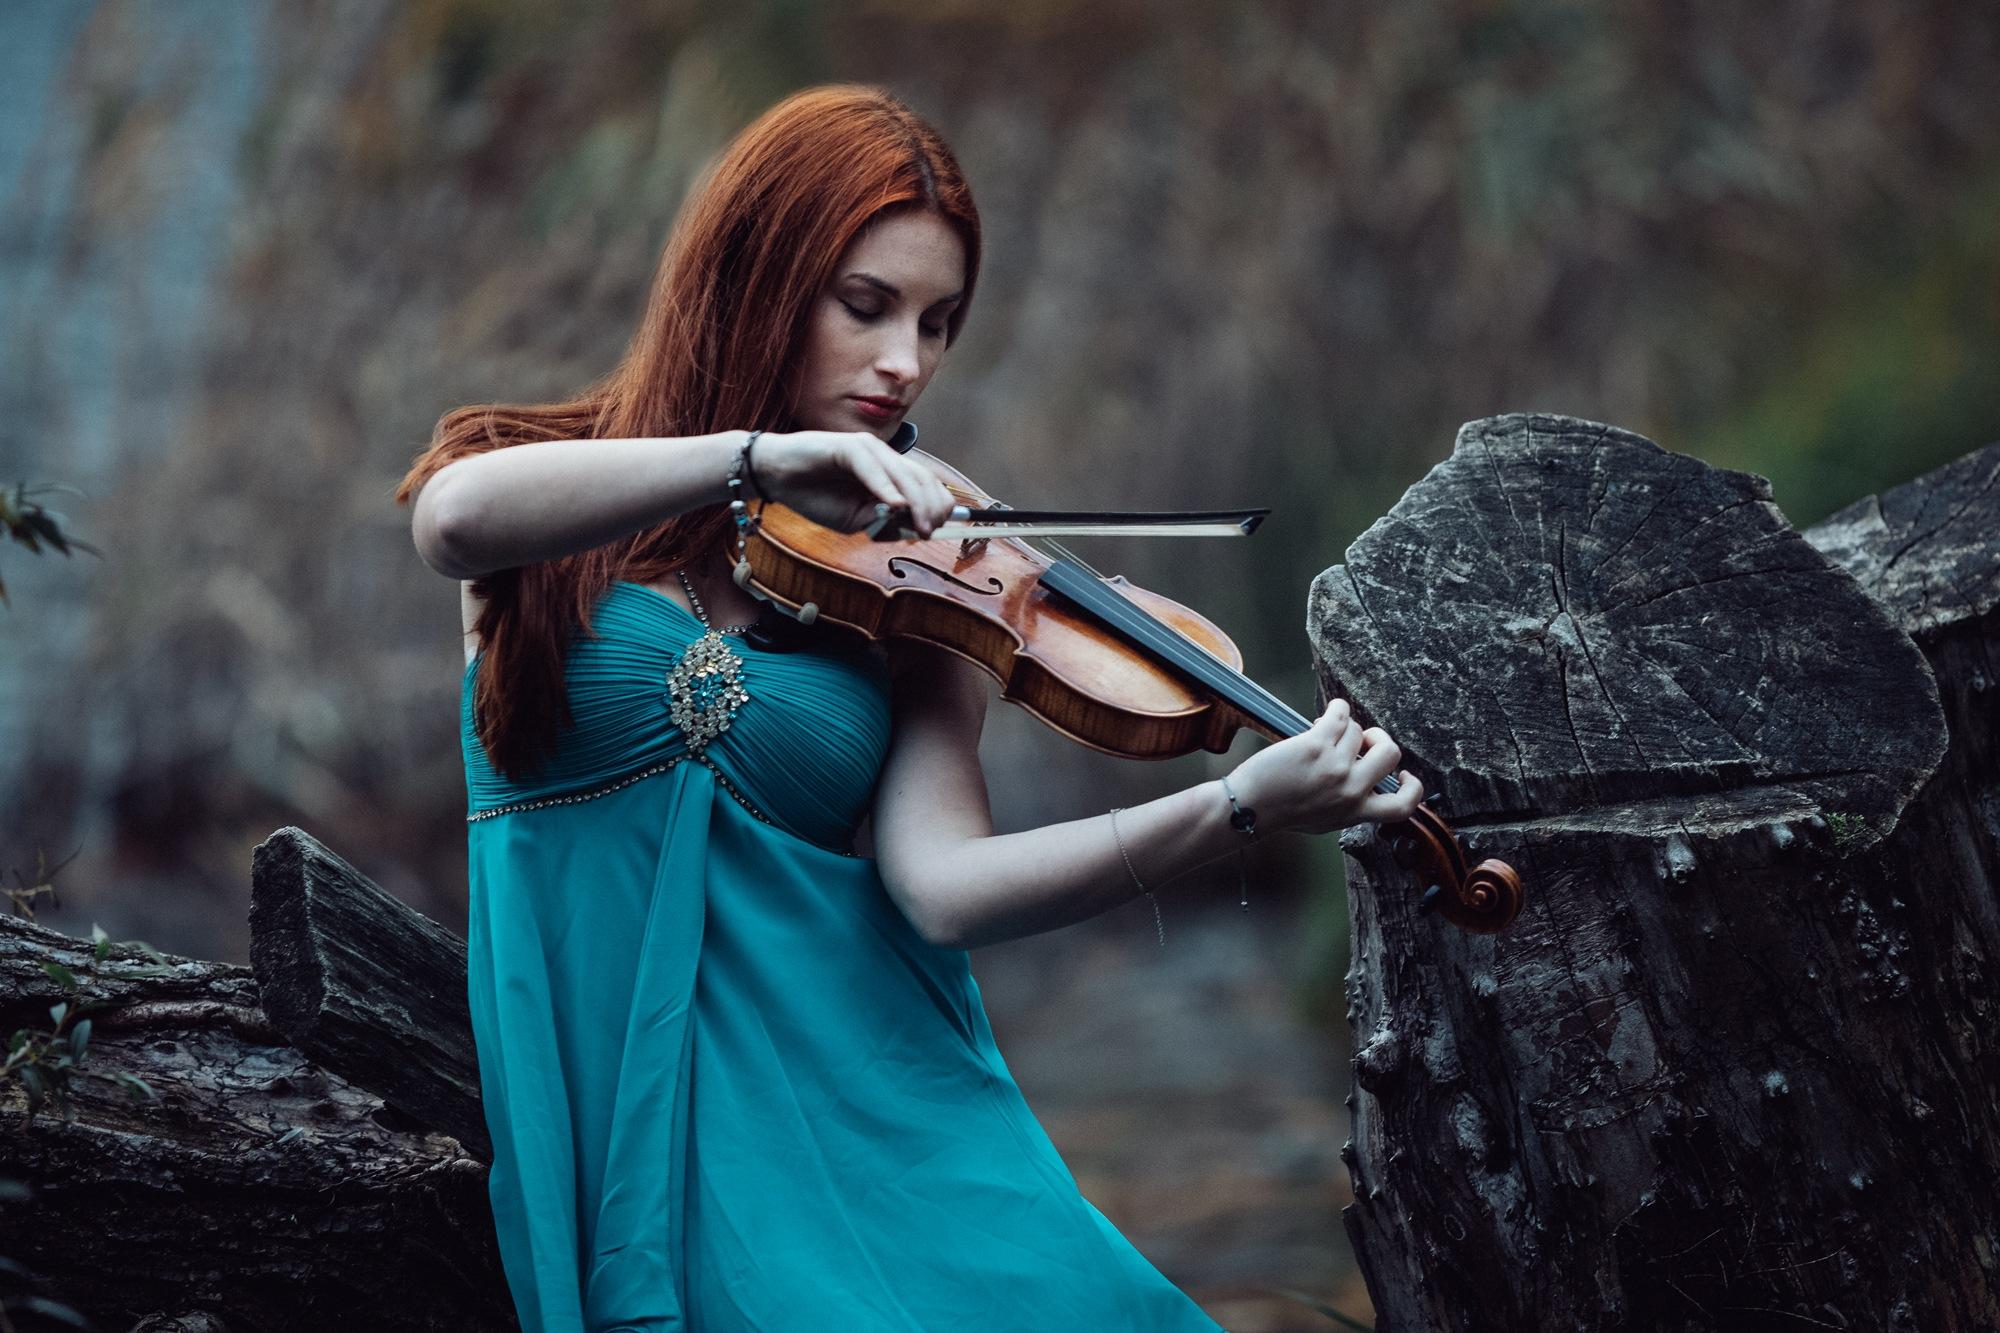 Music heals wounds by StorieInLuce